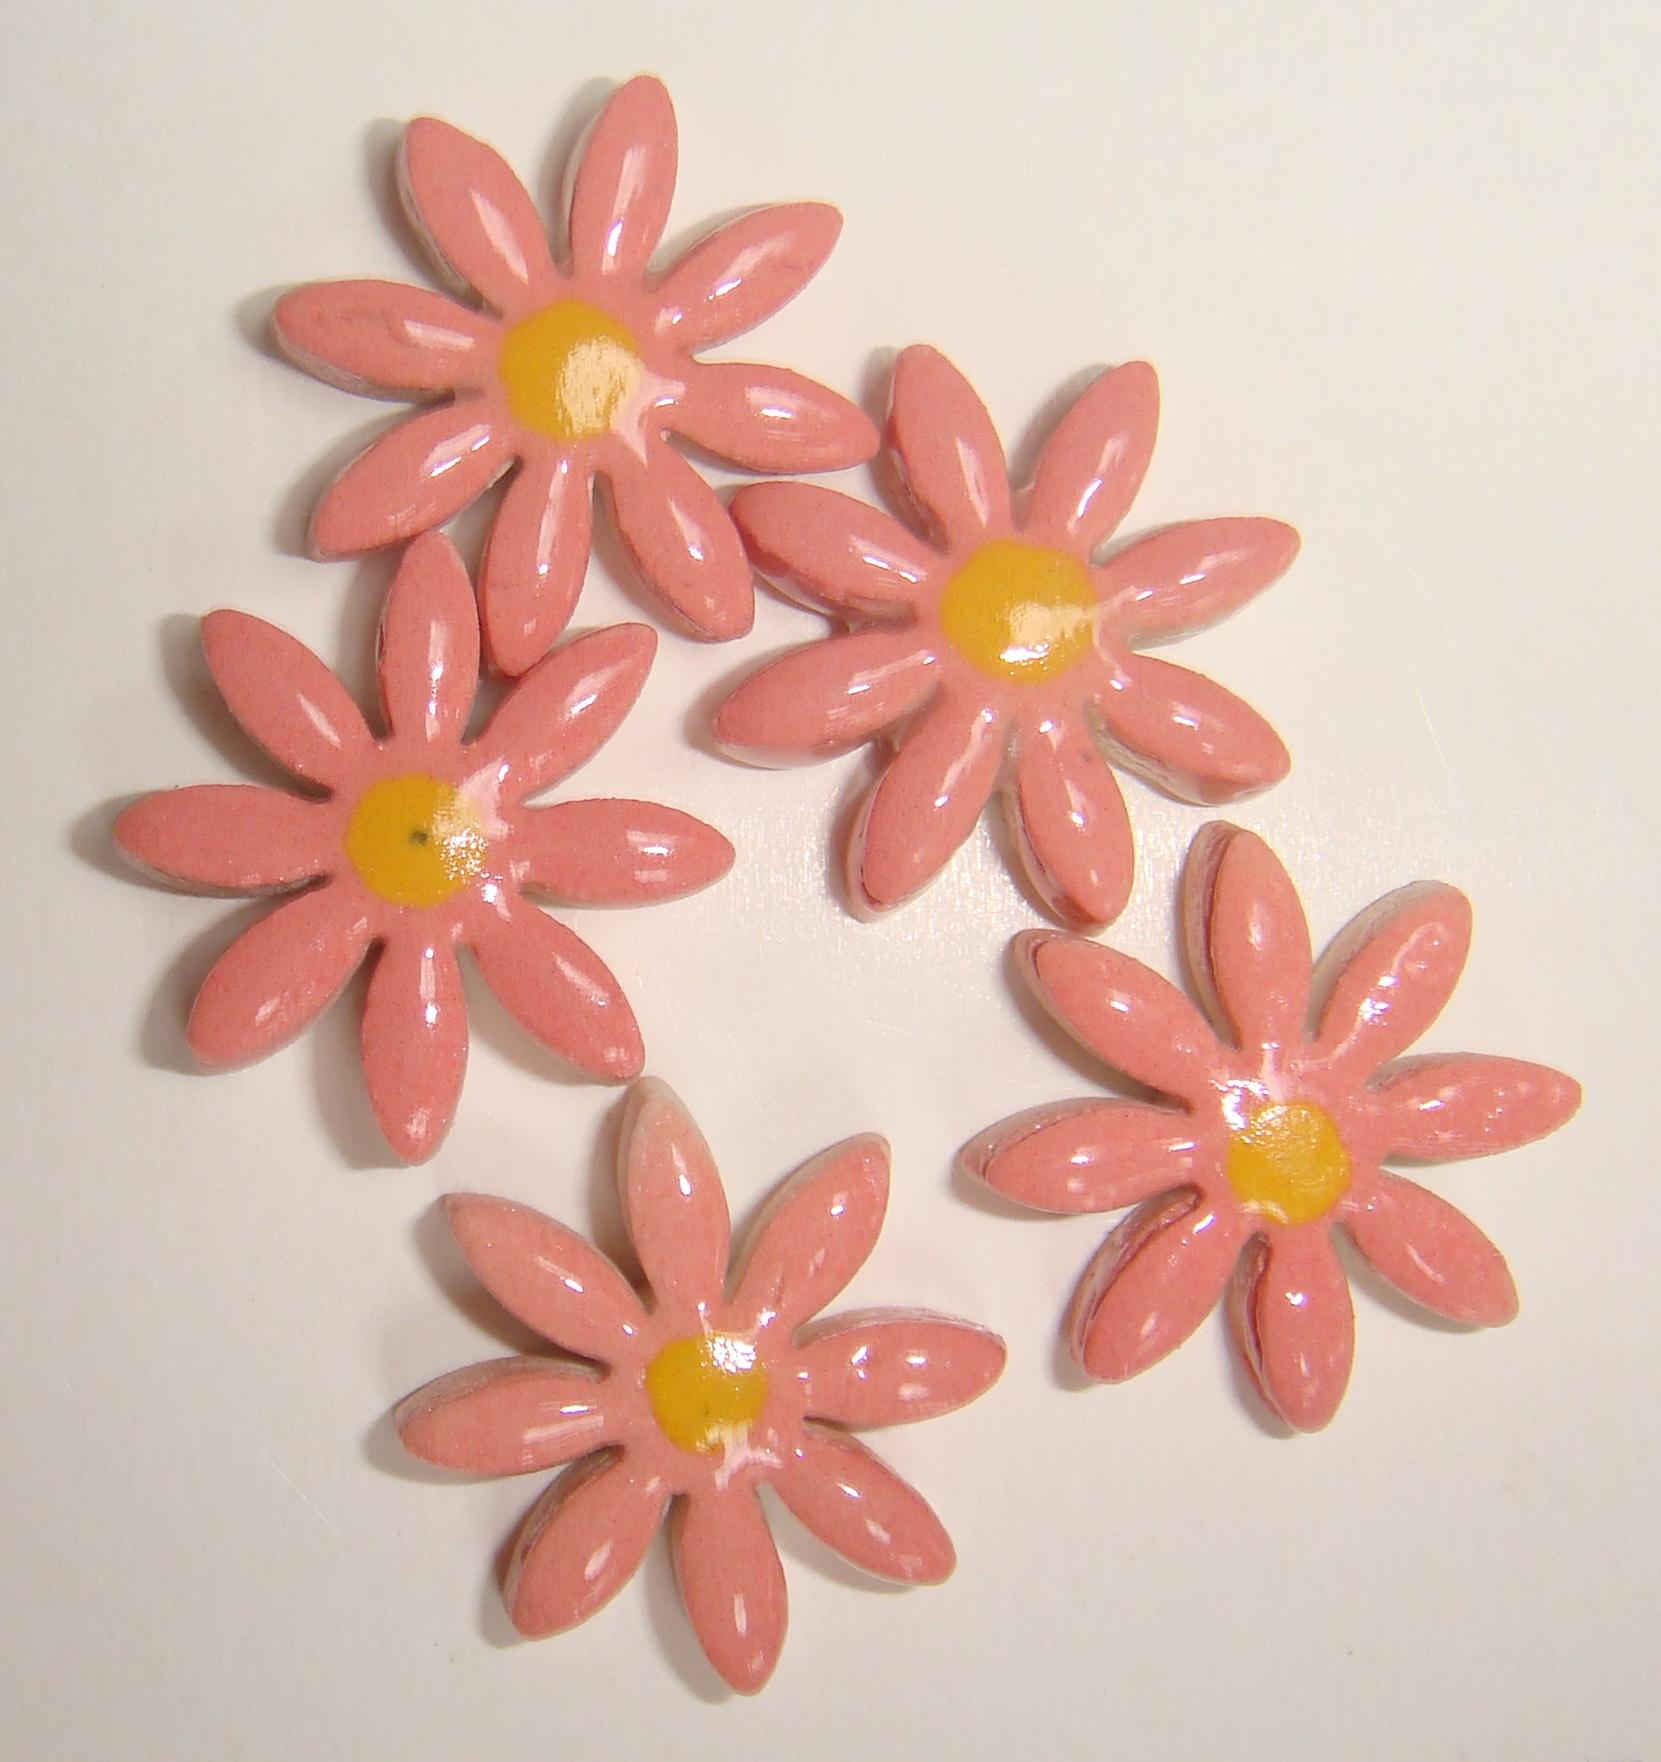 FLO-004 Daisy Small Pink